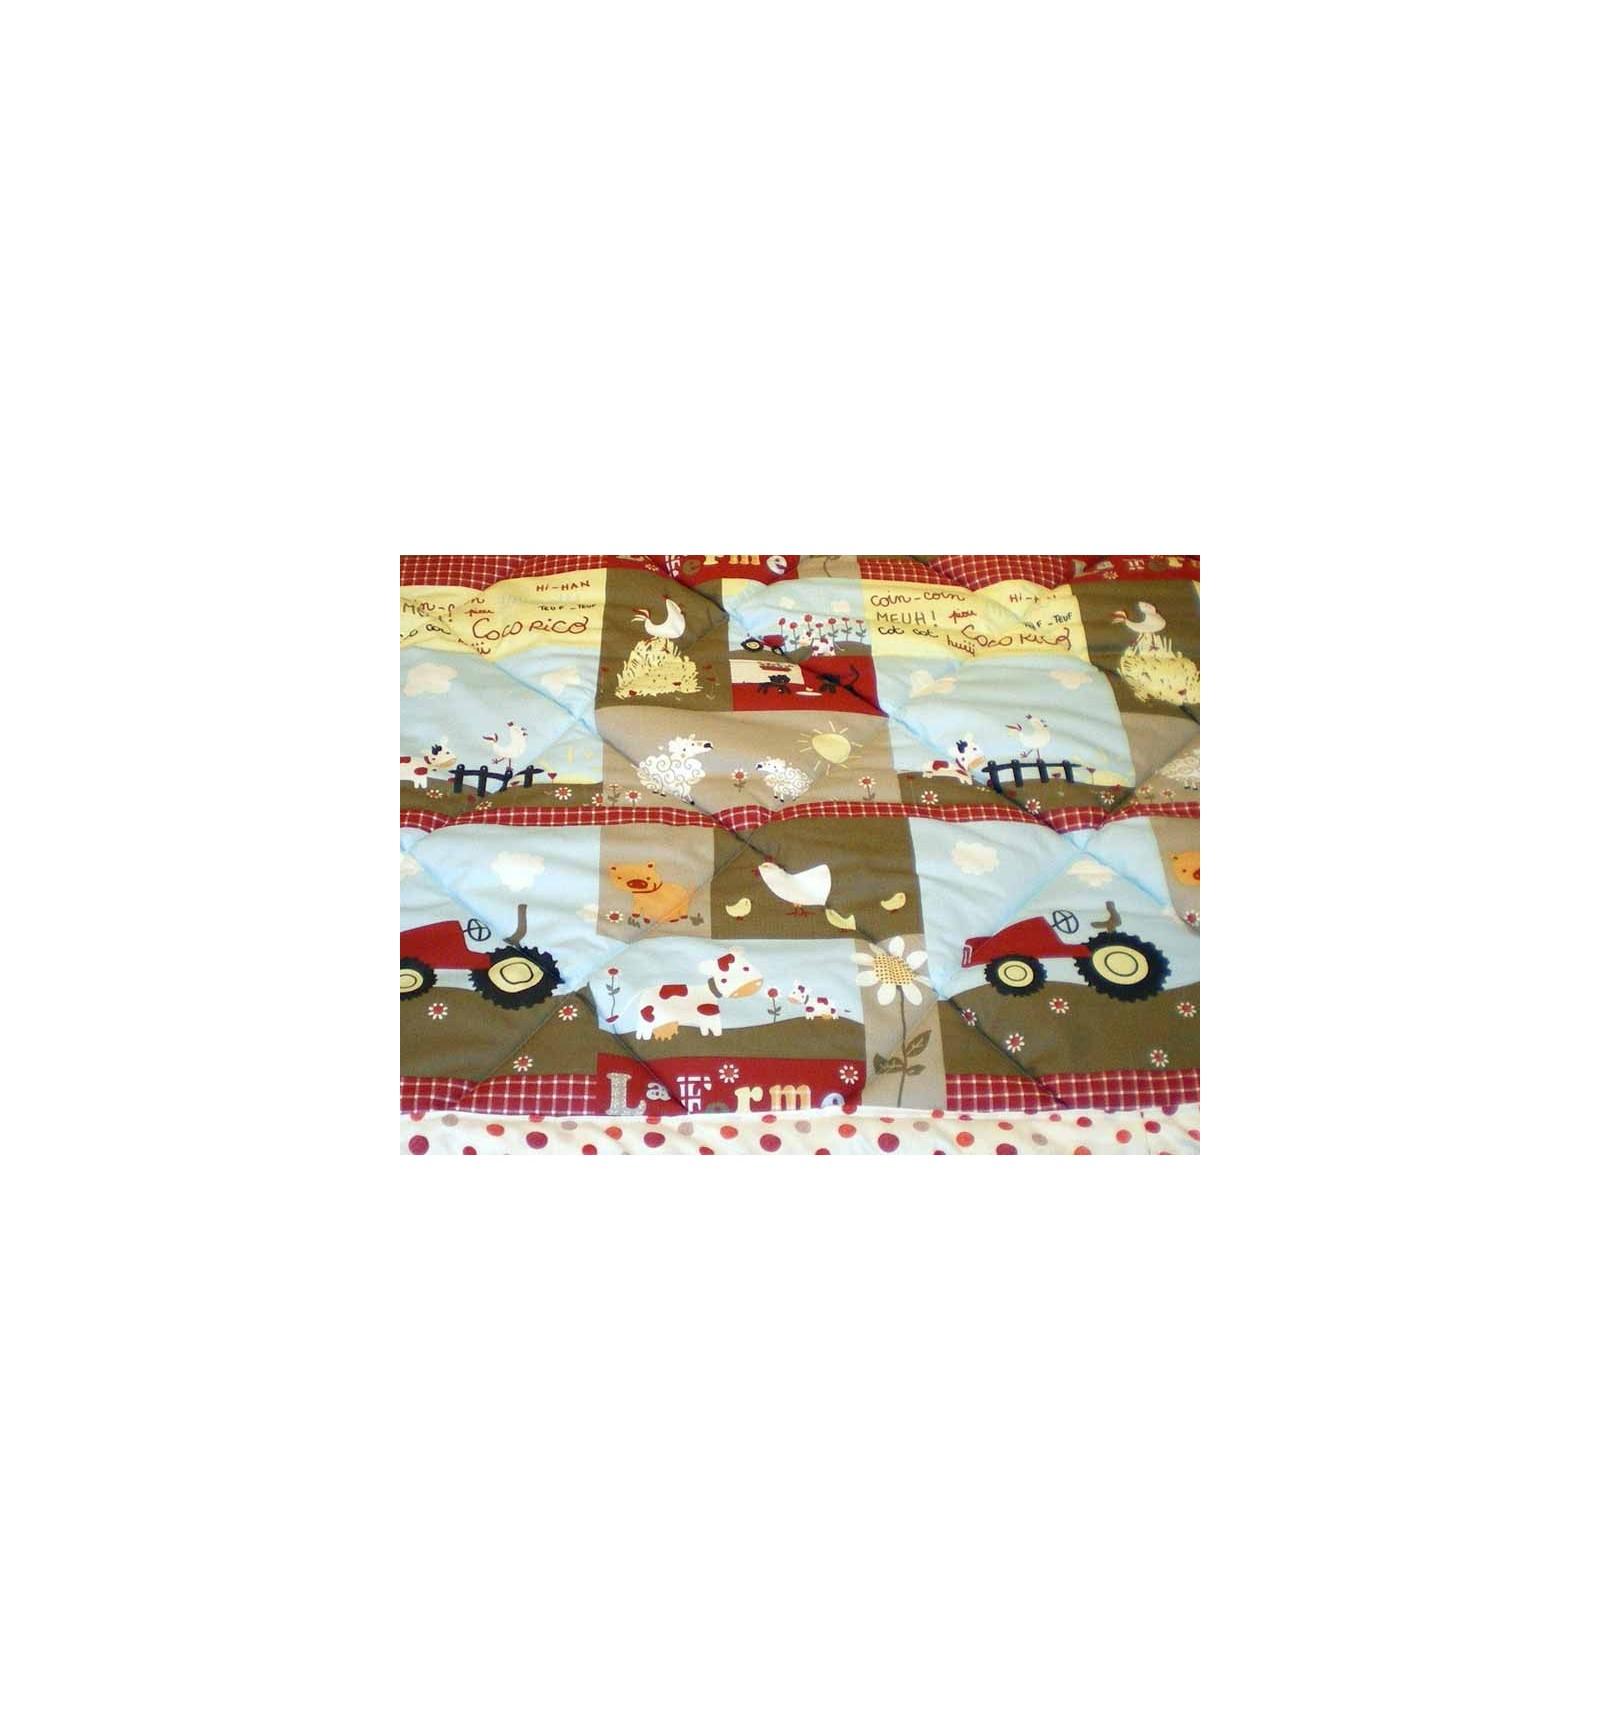 edredon enfant motif animaux de la ferme et tracteur edredon enfant 100x120 cm couette. Black Bedroom Furniture Sets. Home Design Ideas